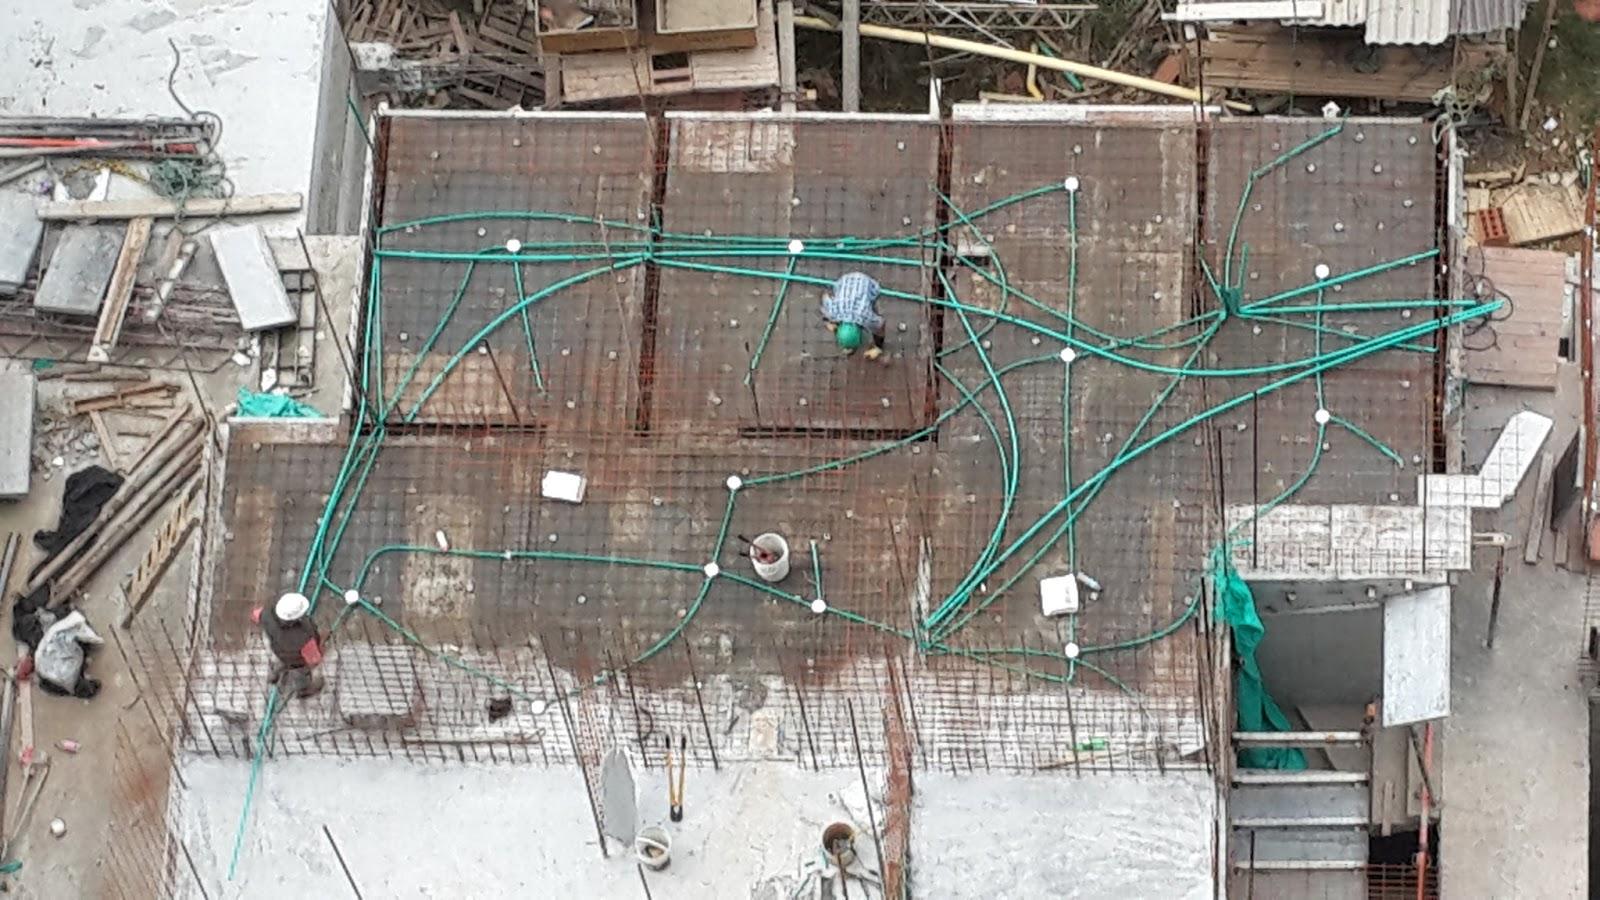 Diomelec sas electricidad integral febrero 2016 - Tuberia para instalacion electrica ...